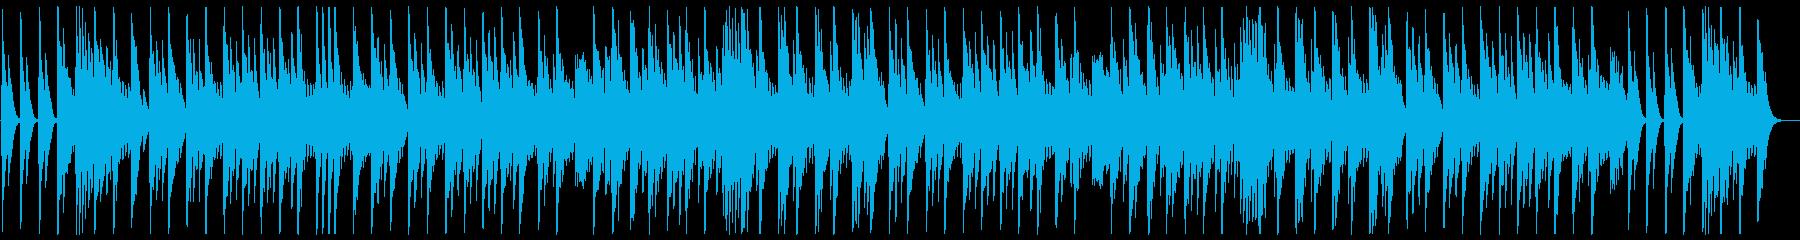 ゆっくり優しい眠たくなるオルゴールの曲の再生済みの波形